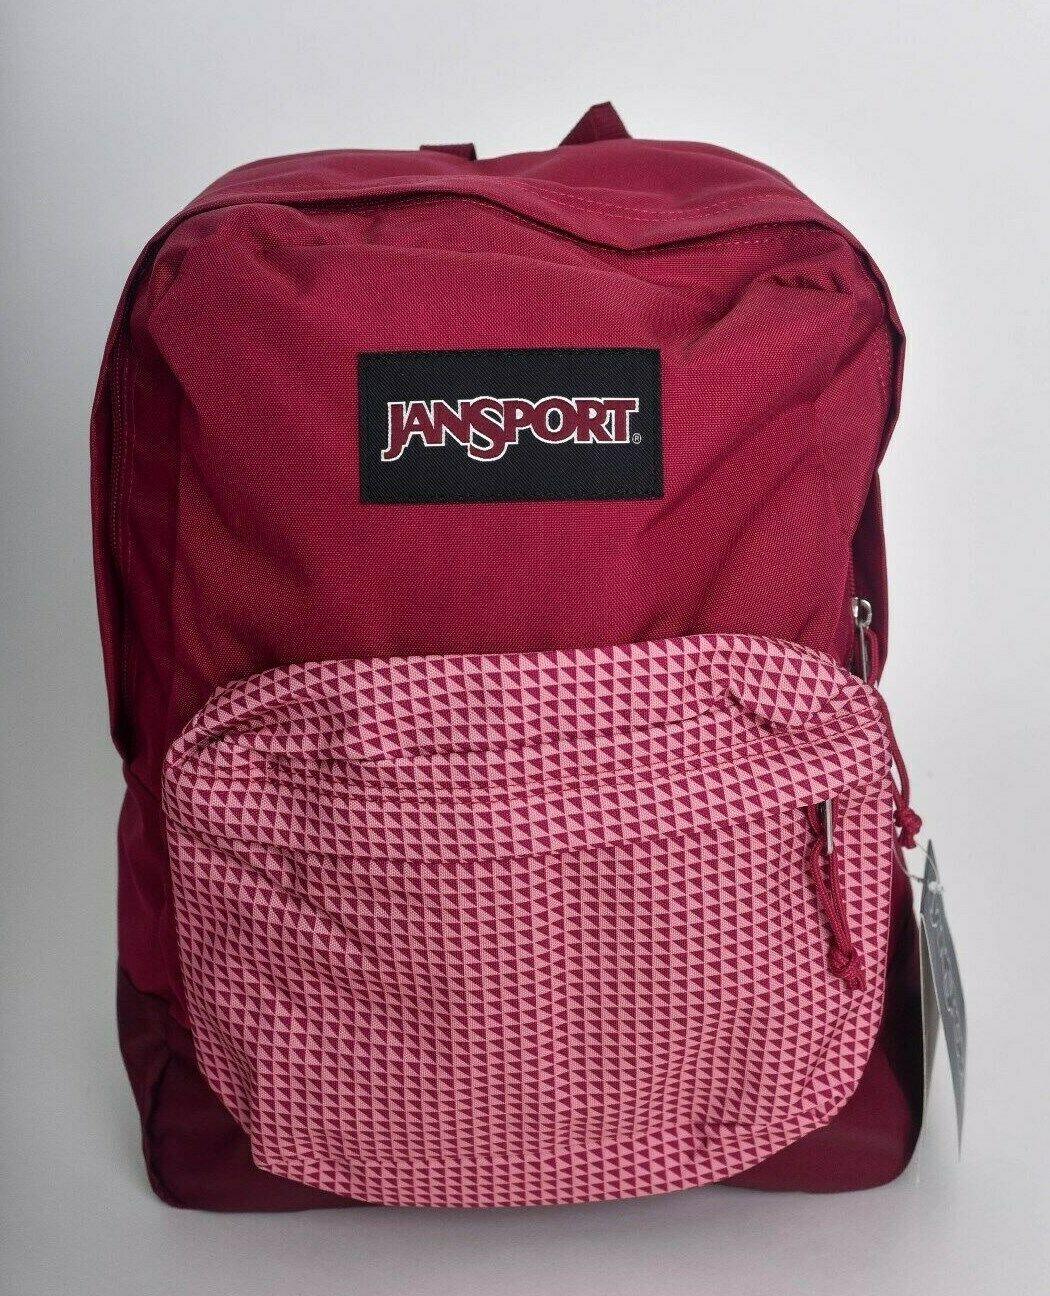 JanSport 25L BLACK LABEL SUPERBREAK Backpack RED COMBO Book